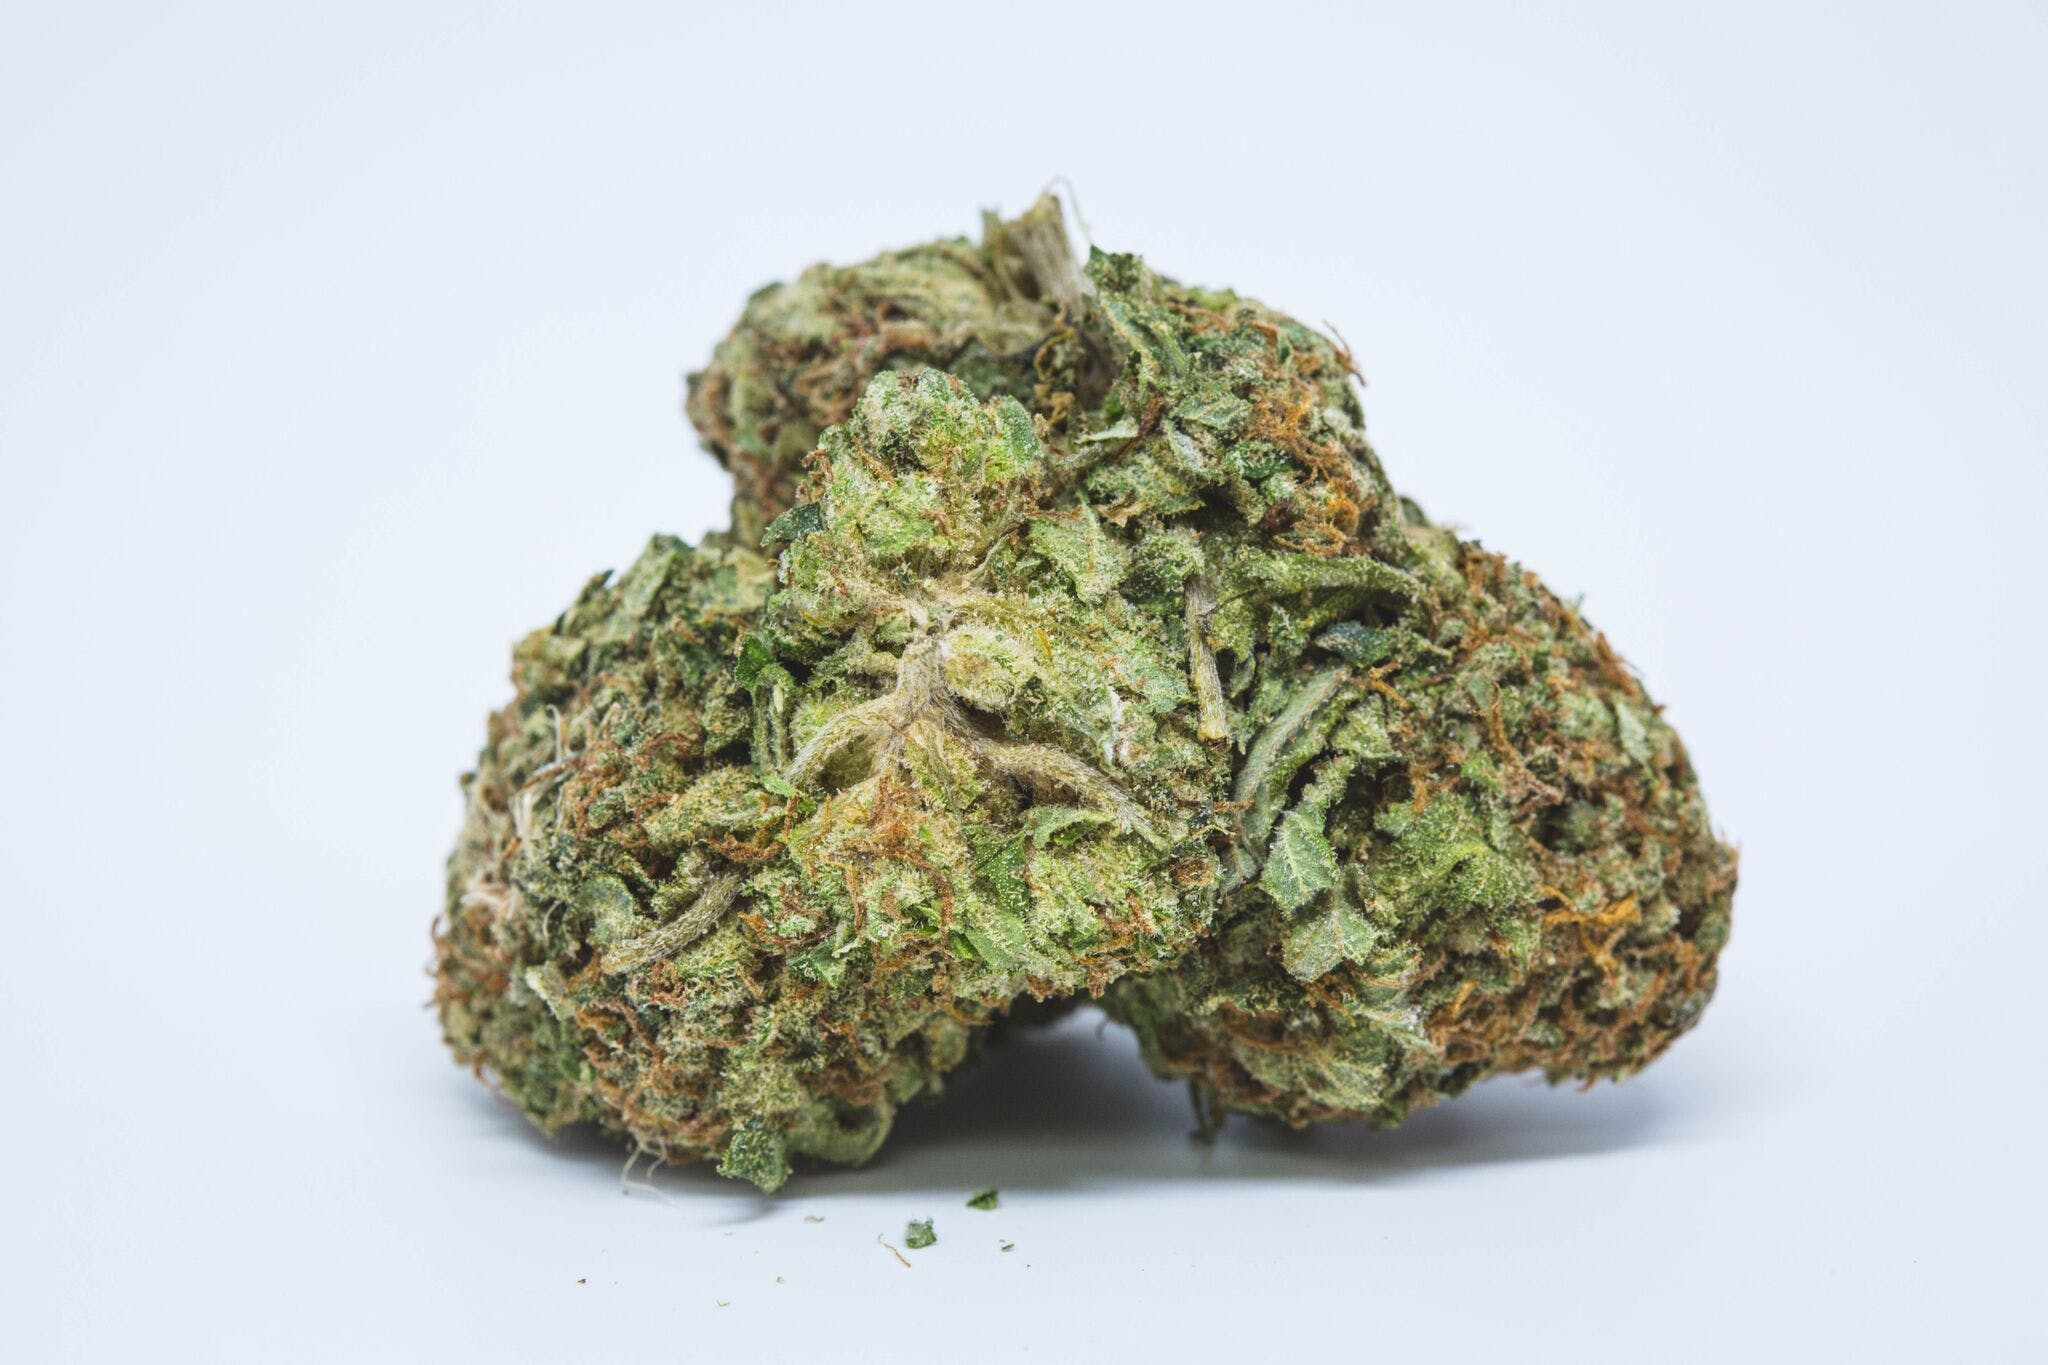 OG 18 Weed; OG 18 Cannabis Strain; OG 18 Hybrid Marijuana Strain